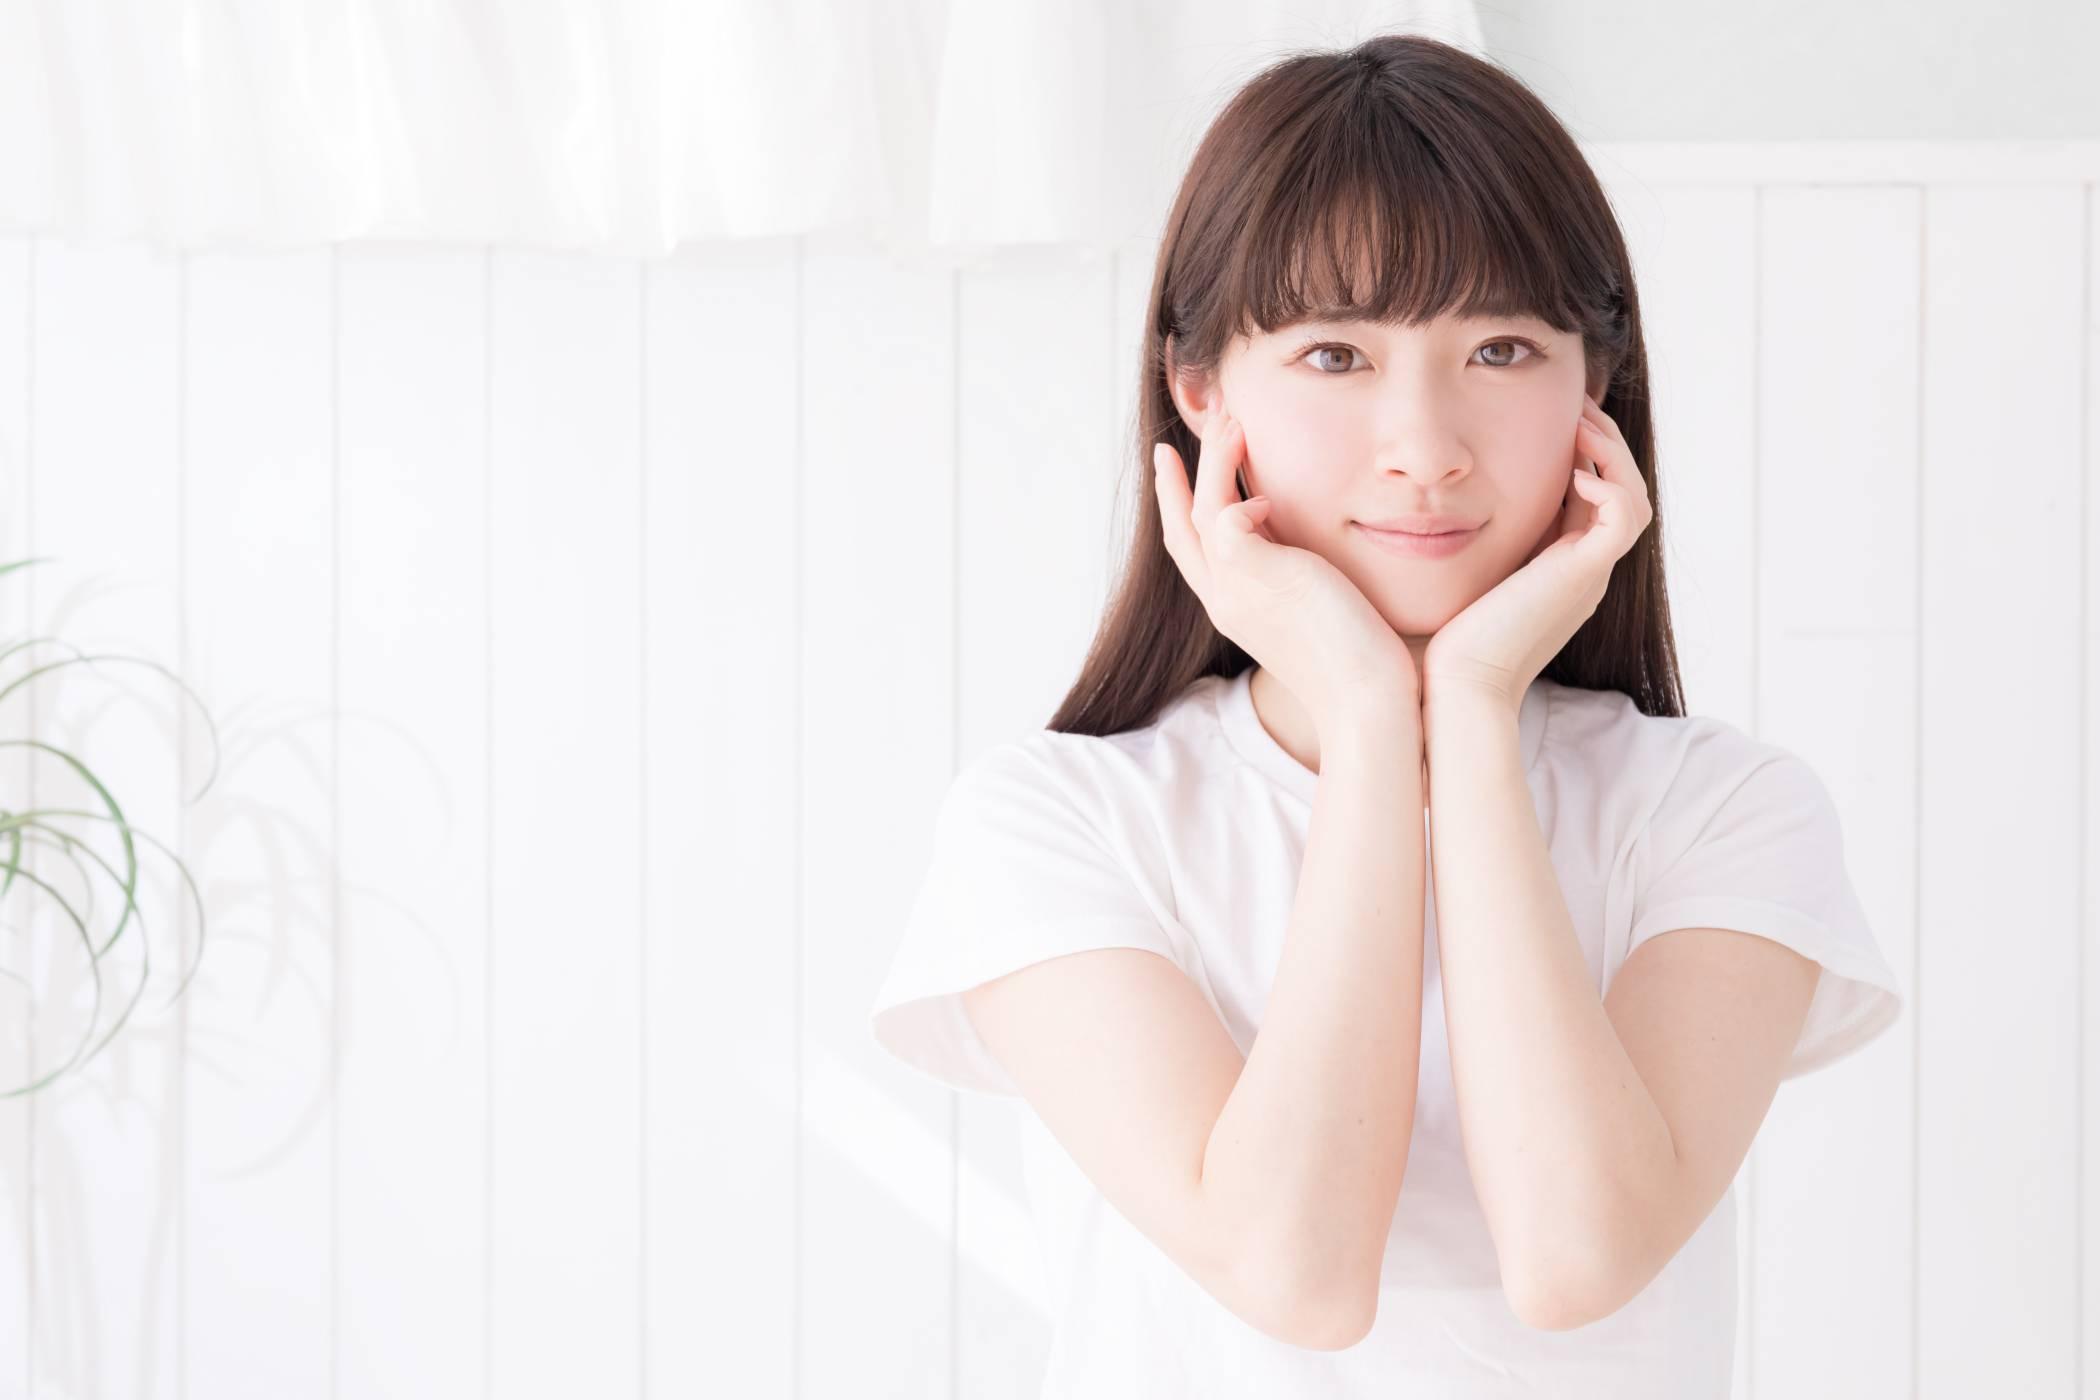 『ネット予約』甲東園駅の歯医者さん!おすすめポイントを掲載【5院】